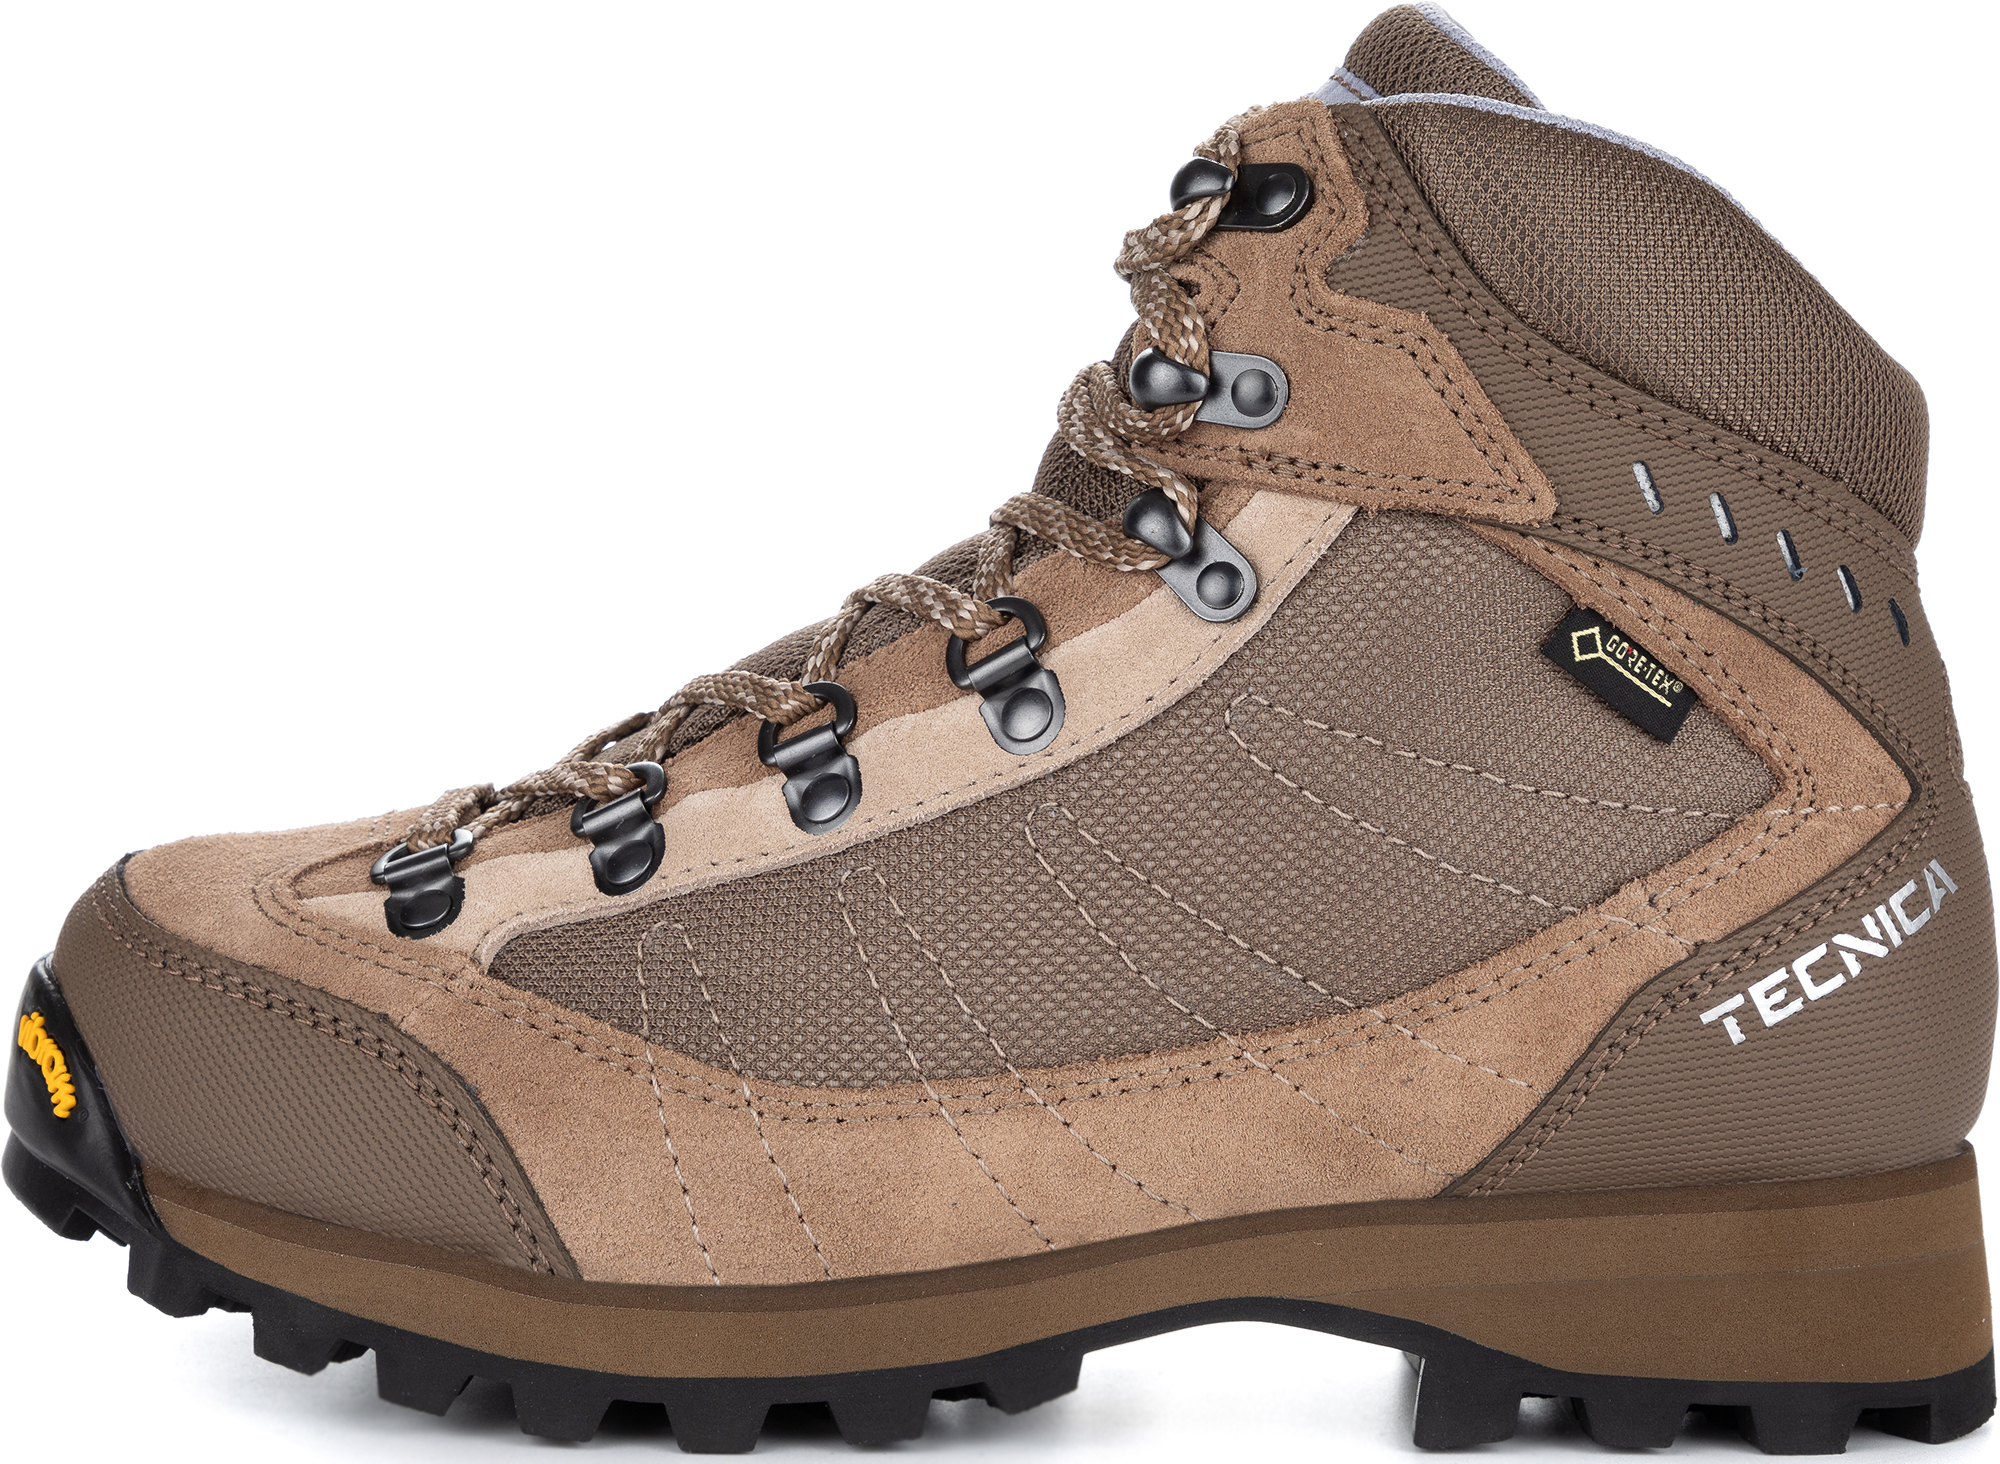 Tecnica Ботинки женские Tecnica Makalu Iv Gtx, размер 40,5 цена